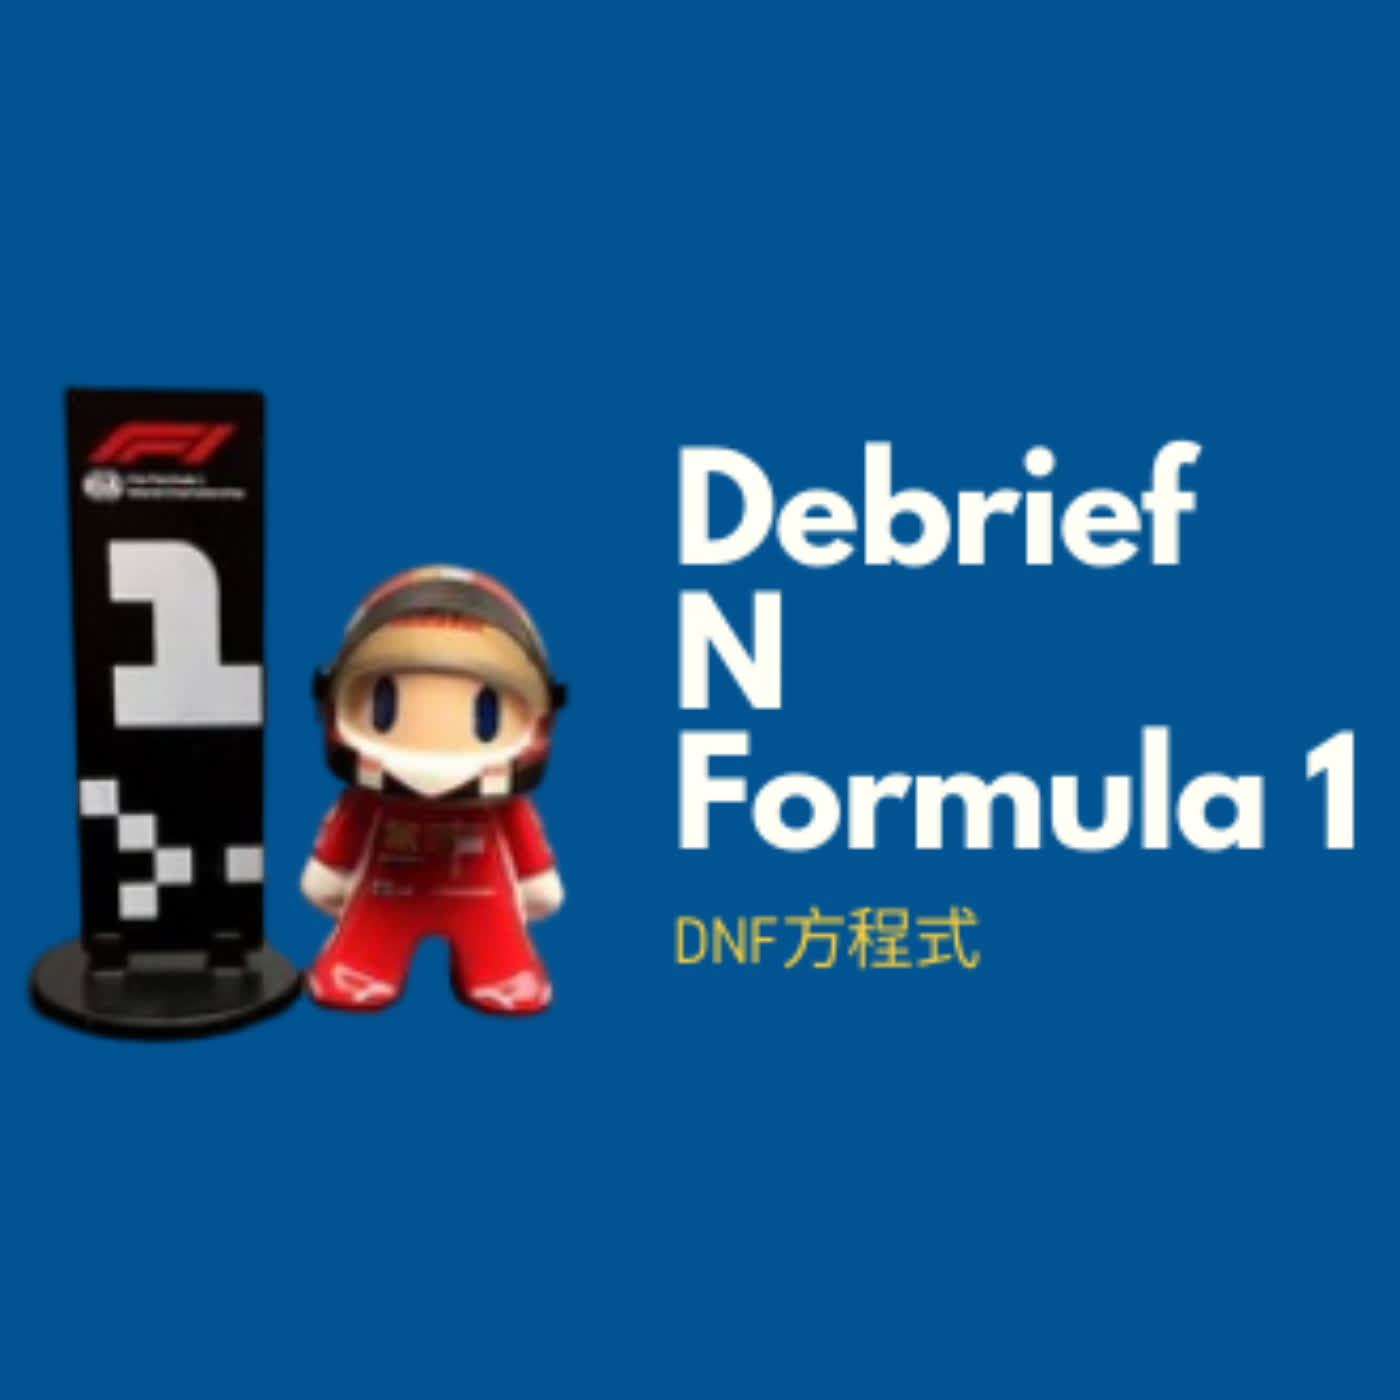 DNF - News / Debrief 8/14